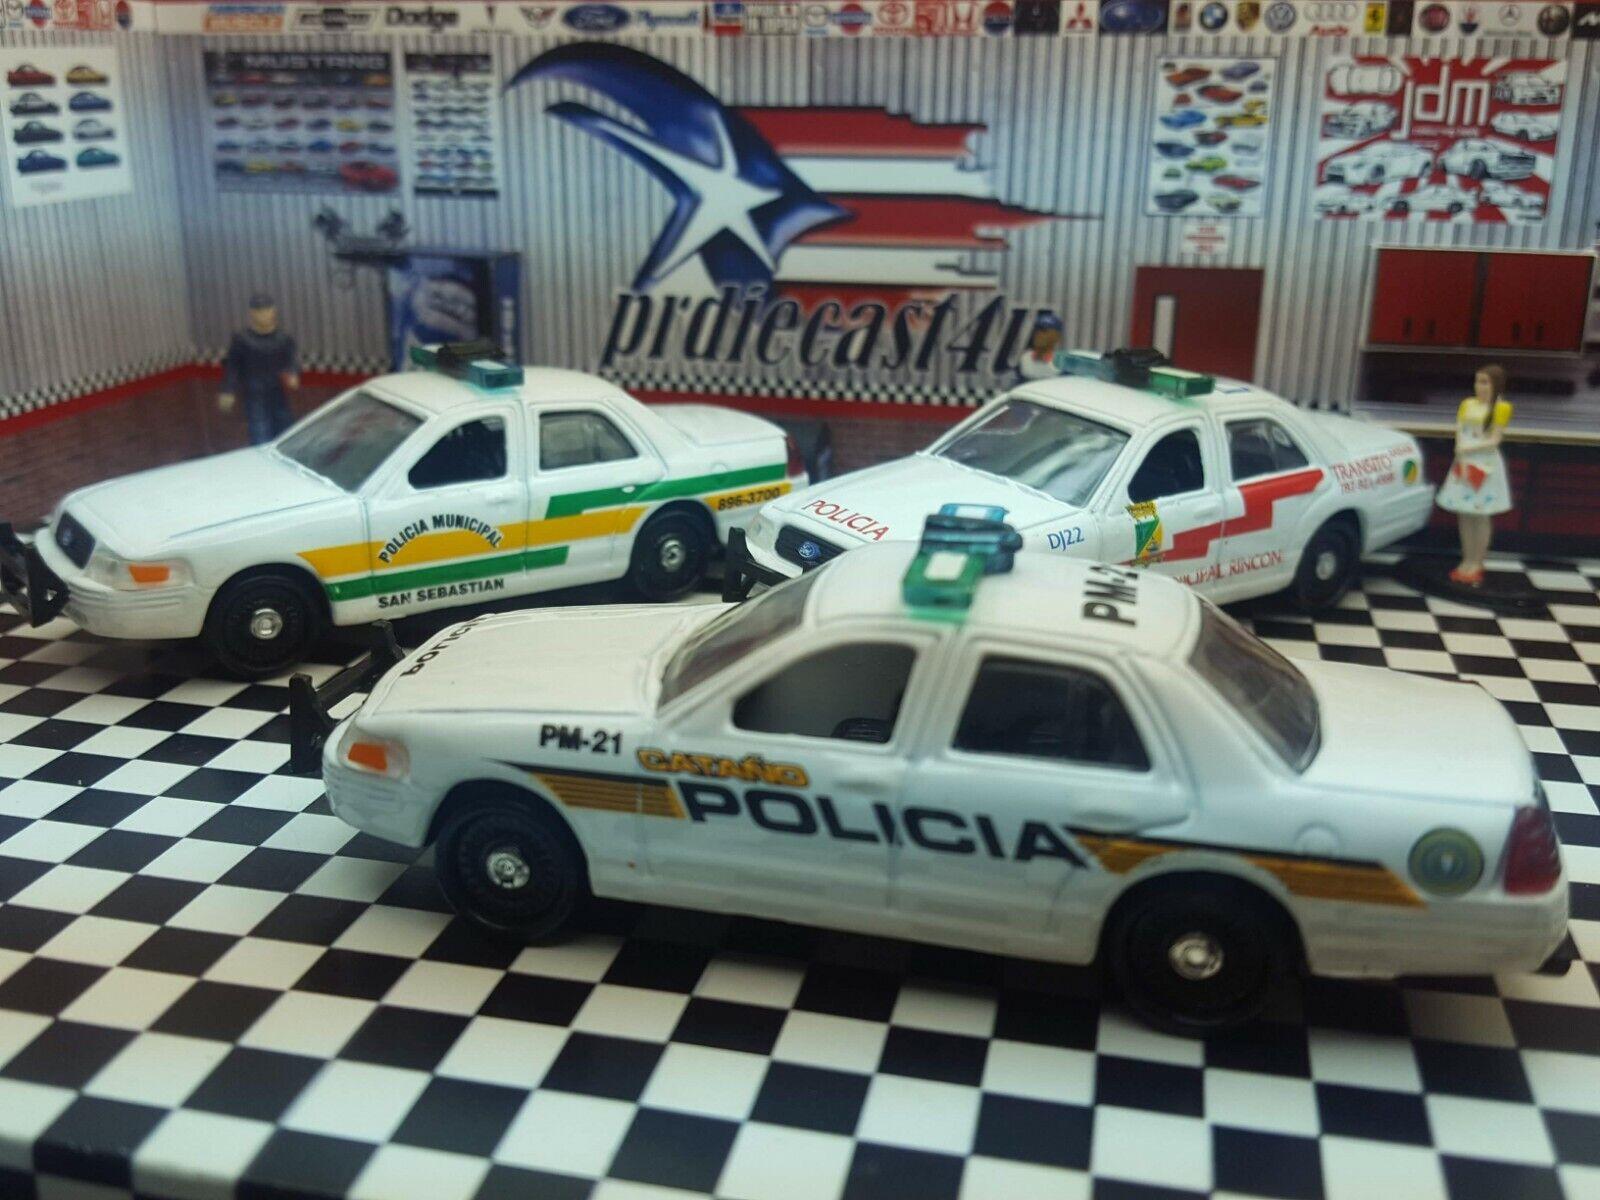 Lote de 6 Ruedas De Tigre 2002 Ford Crown Victoria Puerto Rico Coche de Policía Municipal